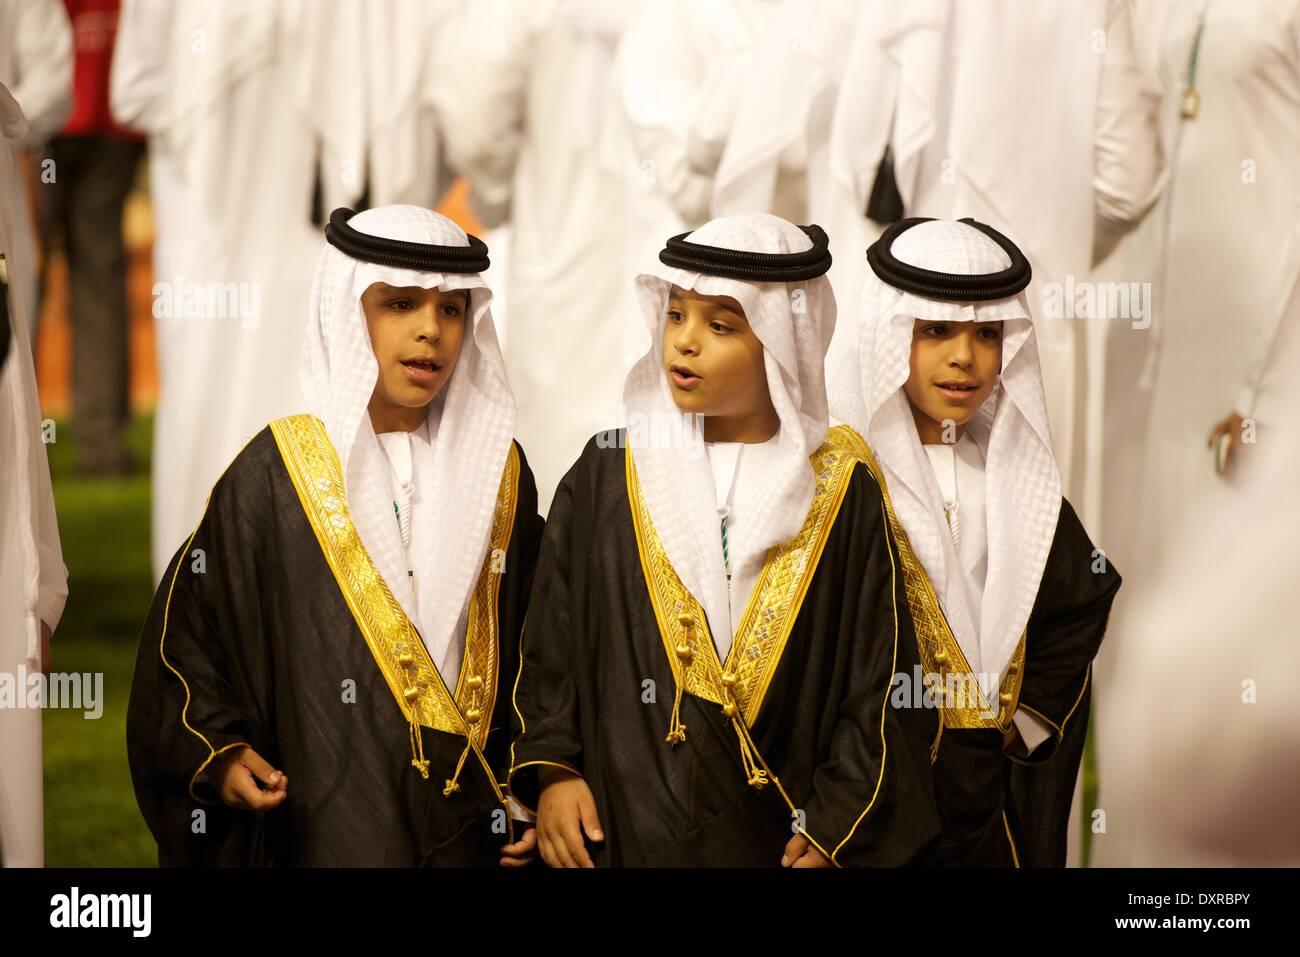 L'hippodrome de Meydan, DUBAÏ, ÉMIRATS ARABES UNIS. 29 mars, 2014. Trois jeunes princes saluer les Photo Stock